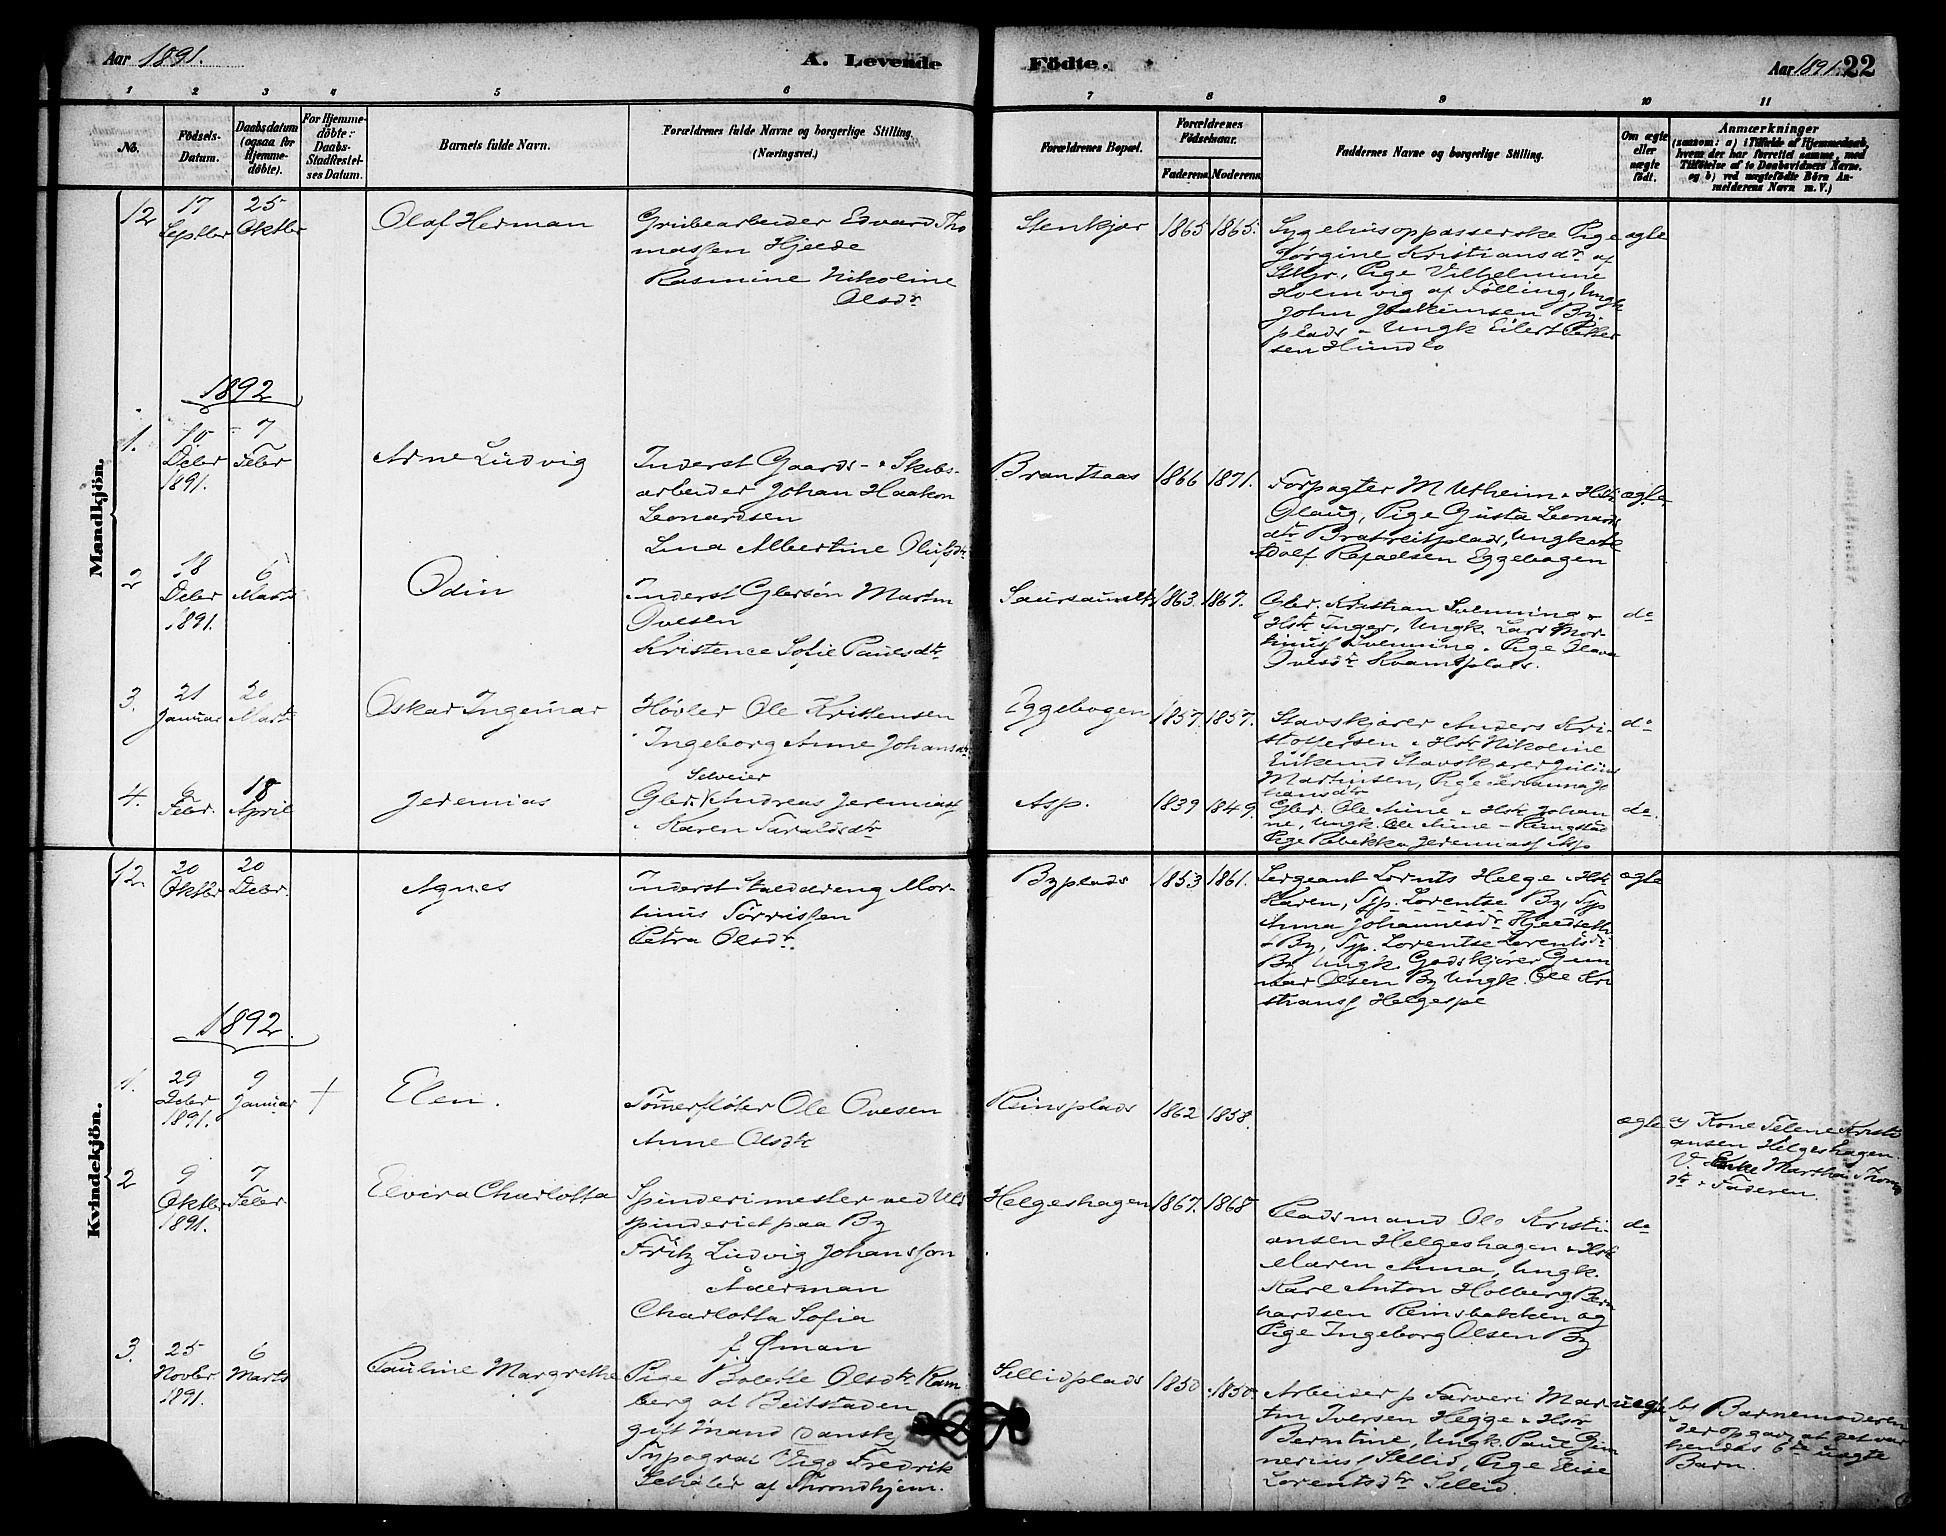 SAT, Ministerialprotokoller, klokkerbøker og fødselsregistre - Nord-Trøndelag, 740/L0378: Ministerialbok nr. 740A01, 1881-1895, s. 22